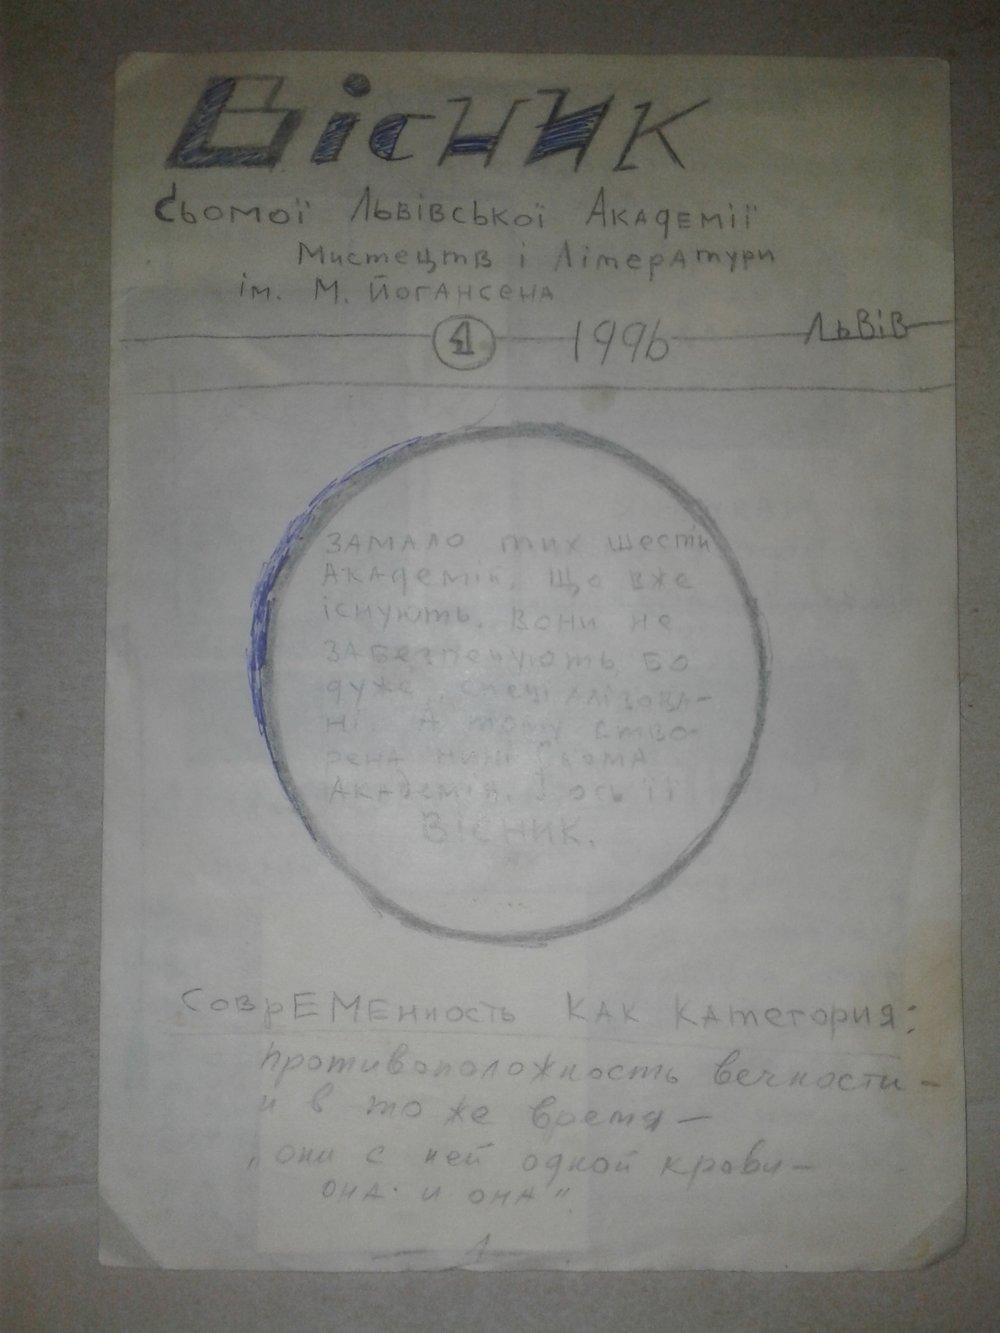 «Вісник Сьомої академії імені Майка Йогансена», 1996